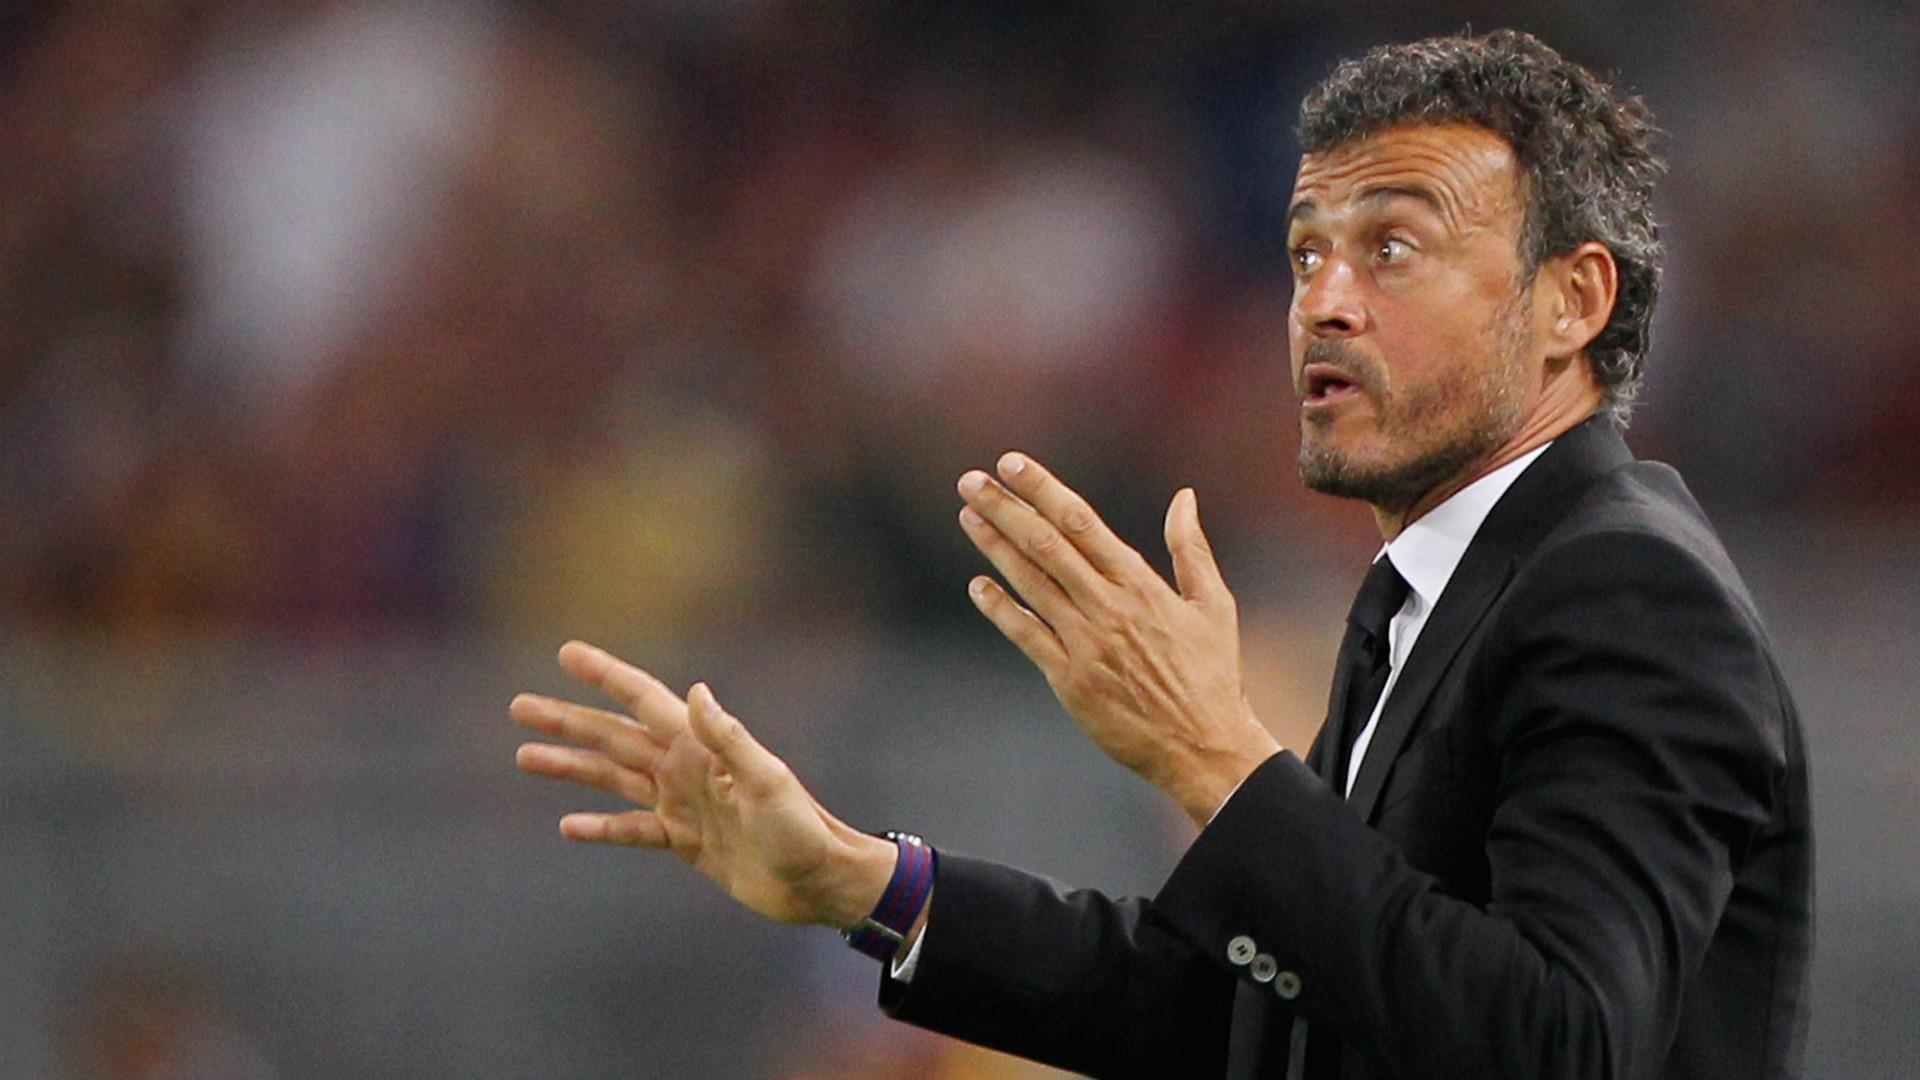 Vấn đề của Barca: Chiến thuật của Enrique chưa mang tới sự đảm bảo cho tương lai